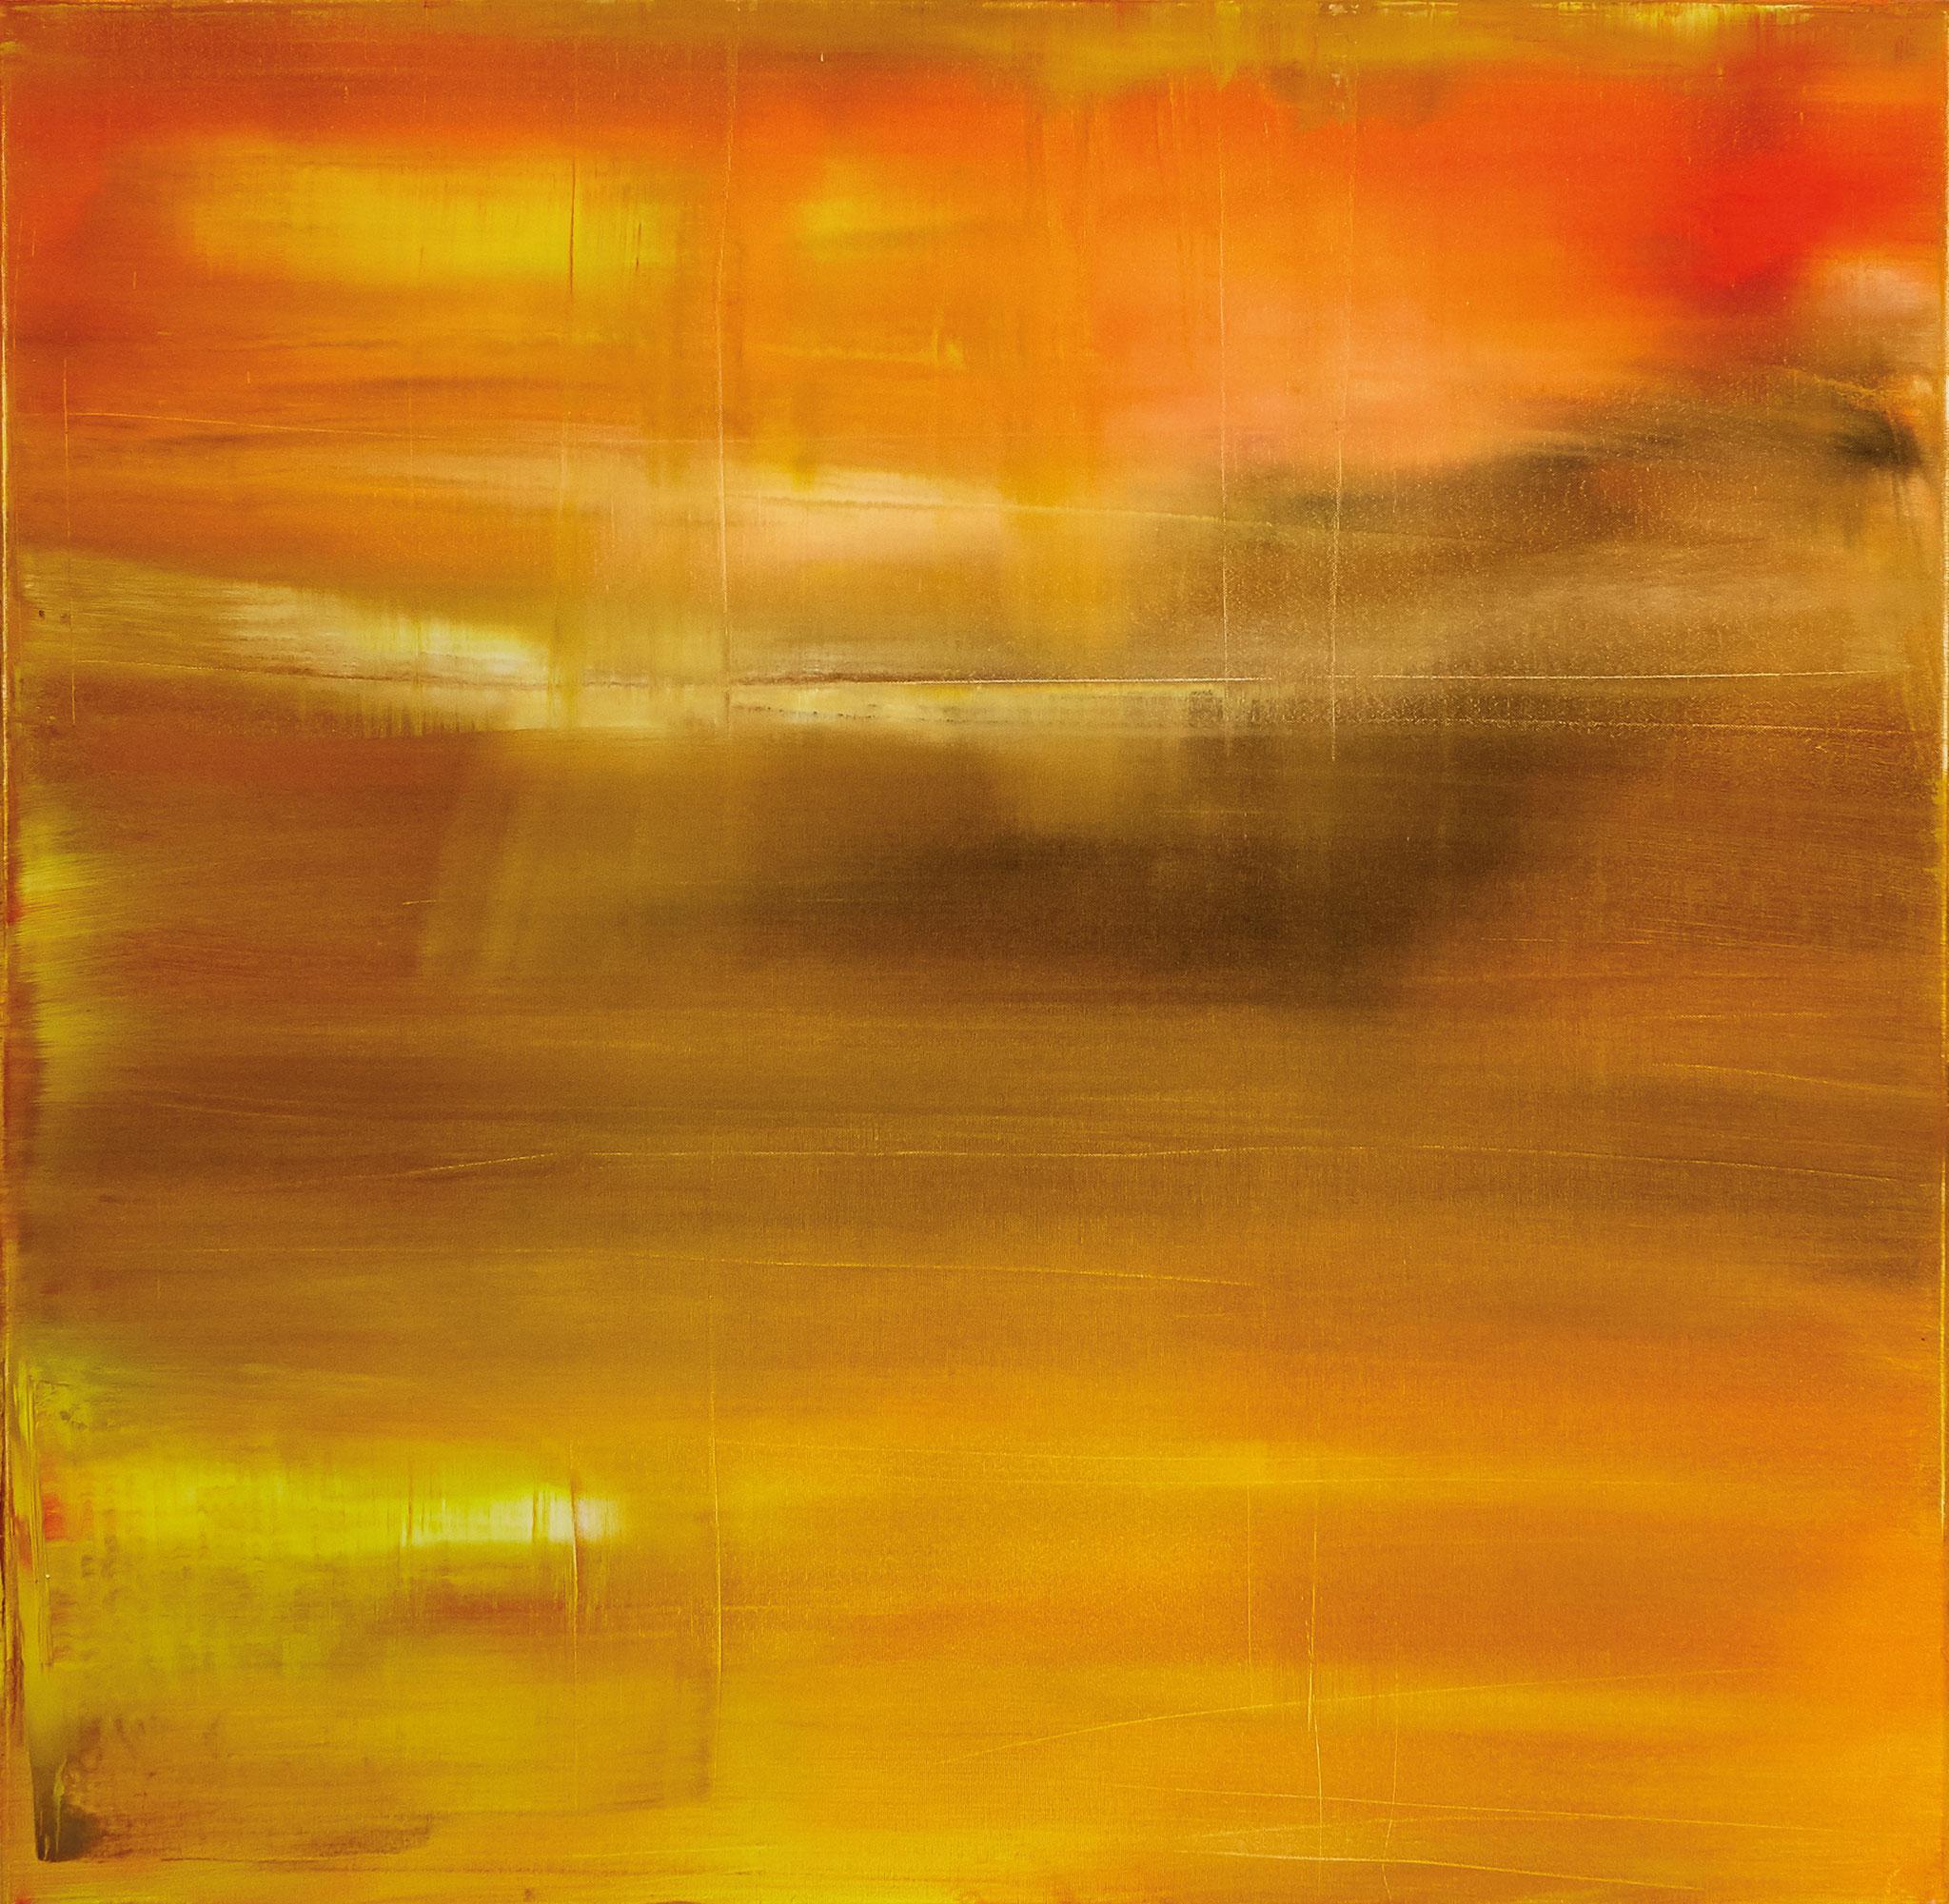 ›Life / Sun‹, Acryl auf Leinwand, 100 x 100 cm, 2016